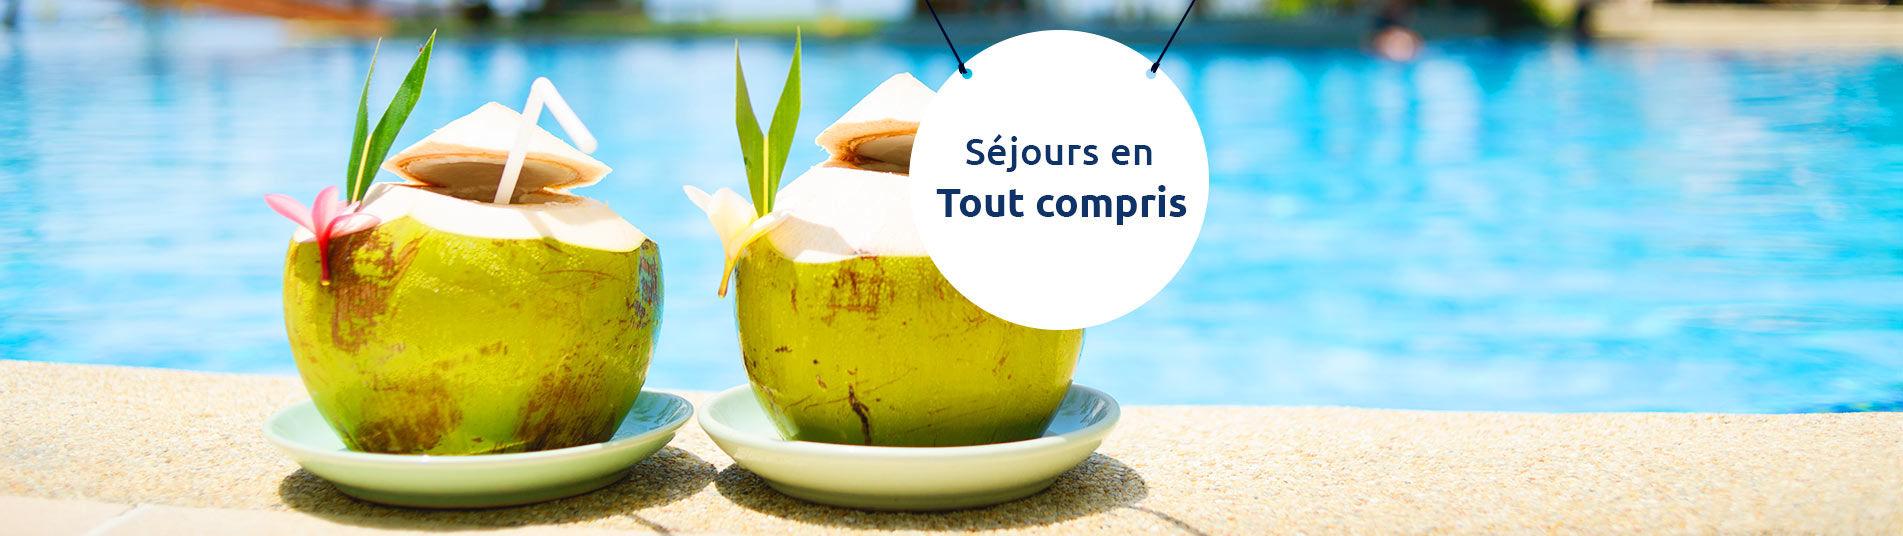 Cocktail dans des noix de coco au bord de la piscine